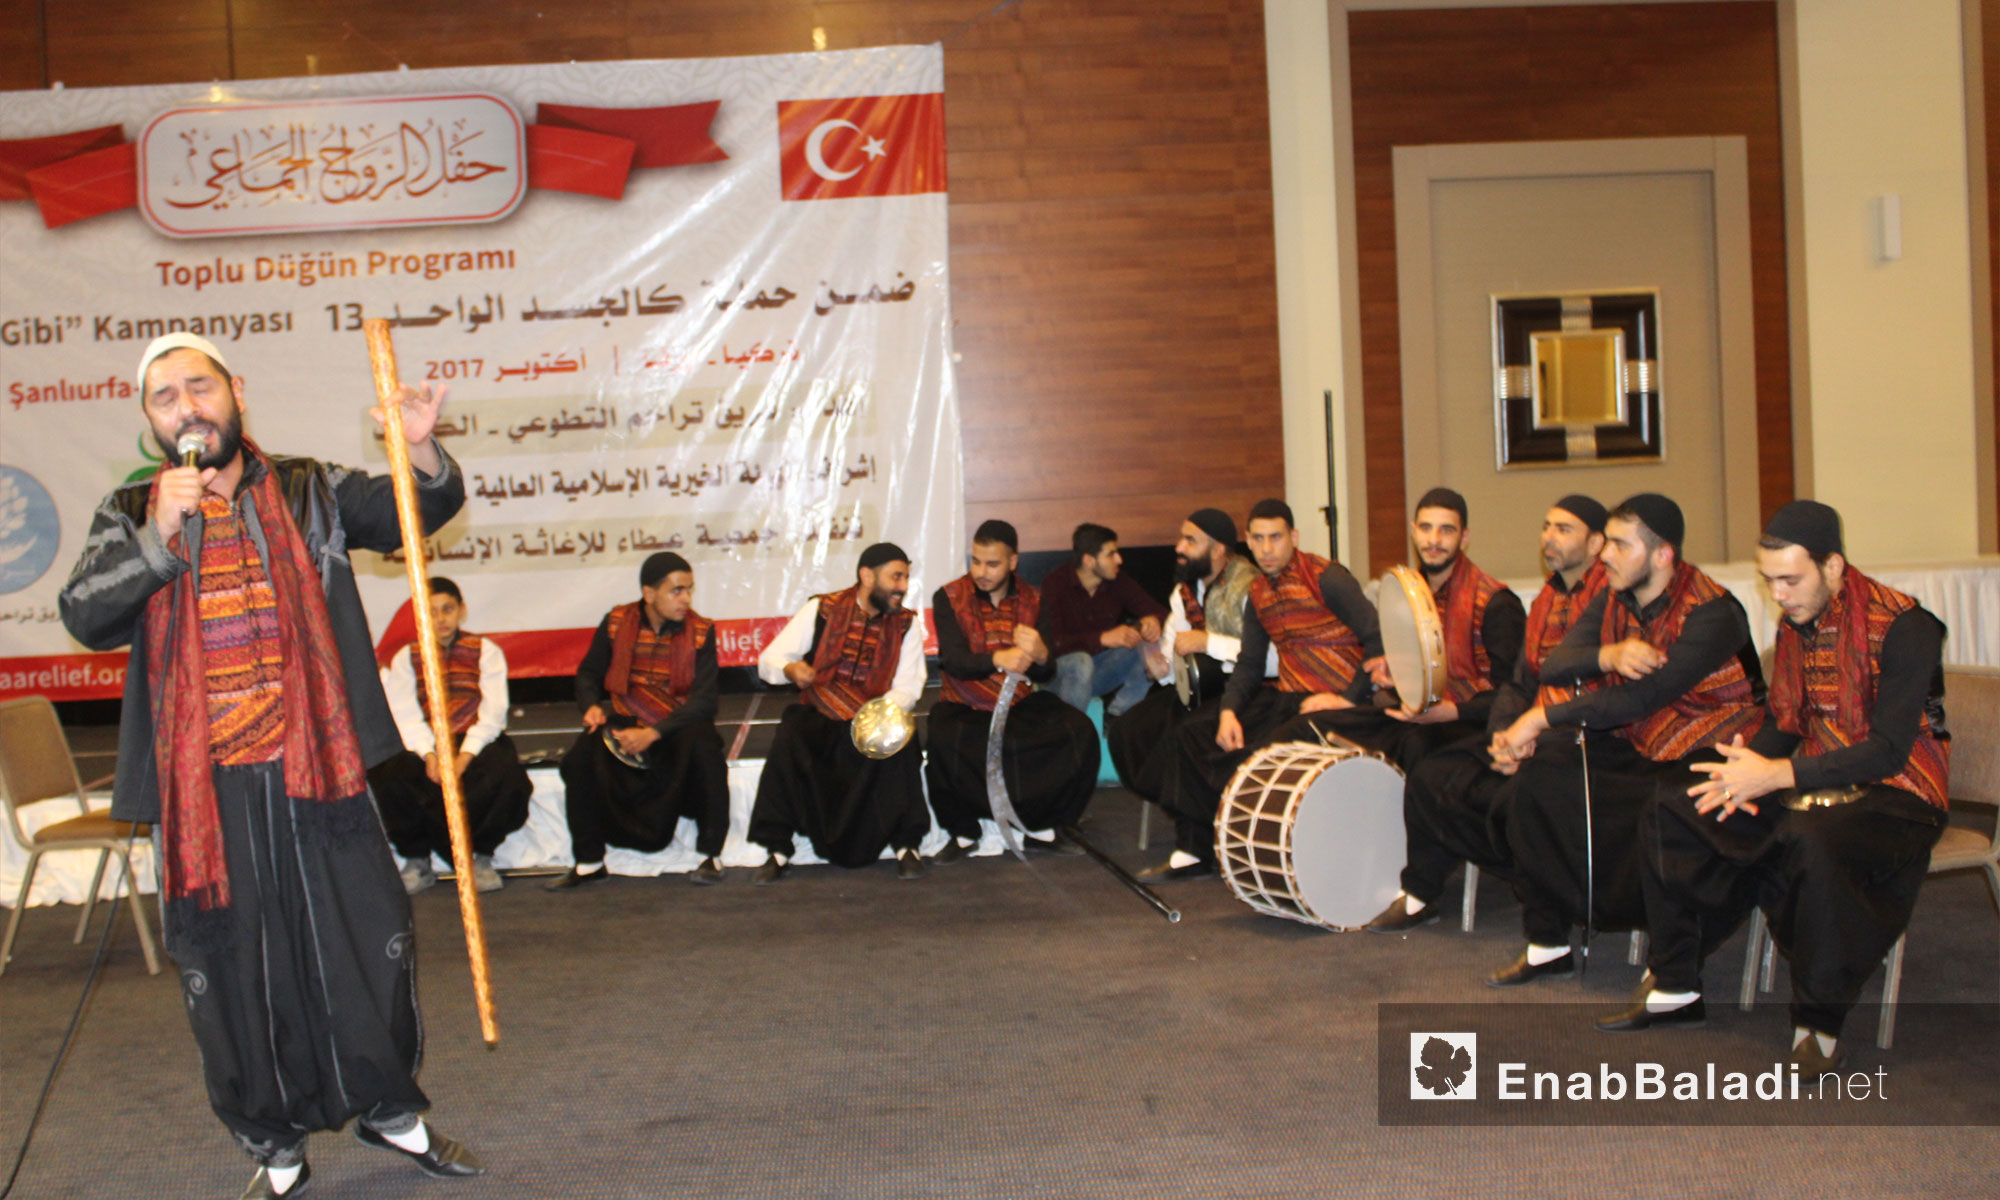 حفل زفاف لخمسة سوريين في أورفة التركية  29 تشرين الأول 2017 (عنب بلدي)